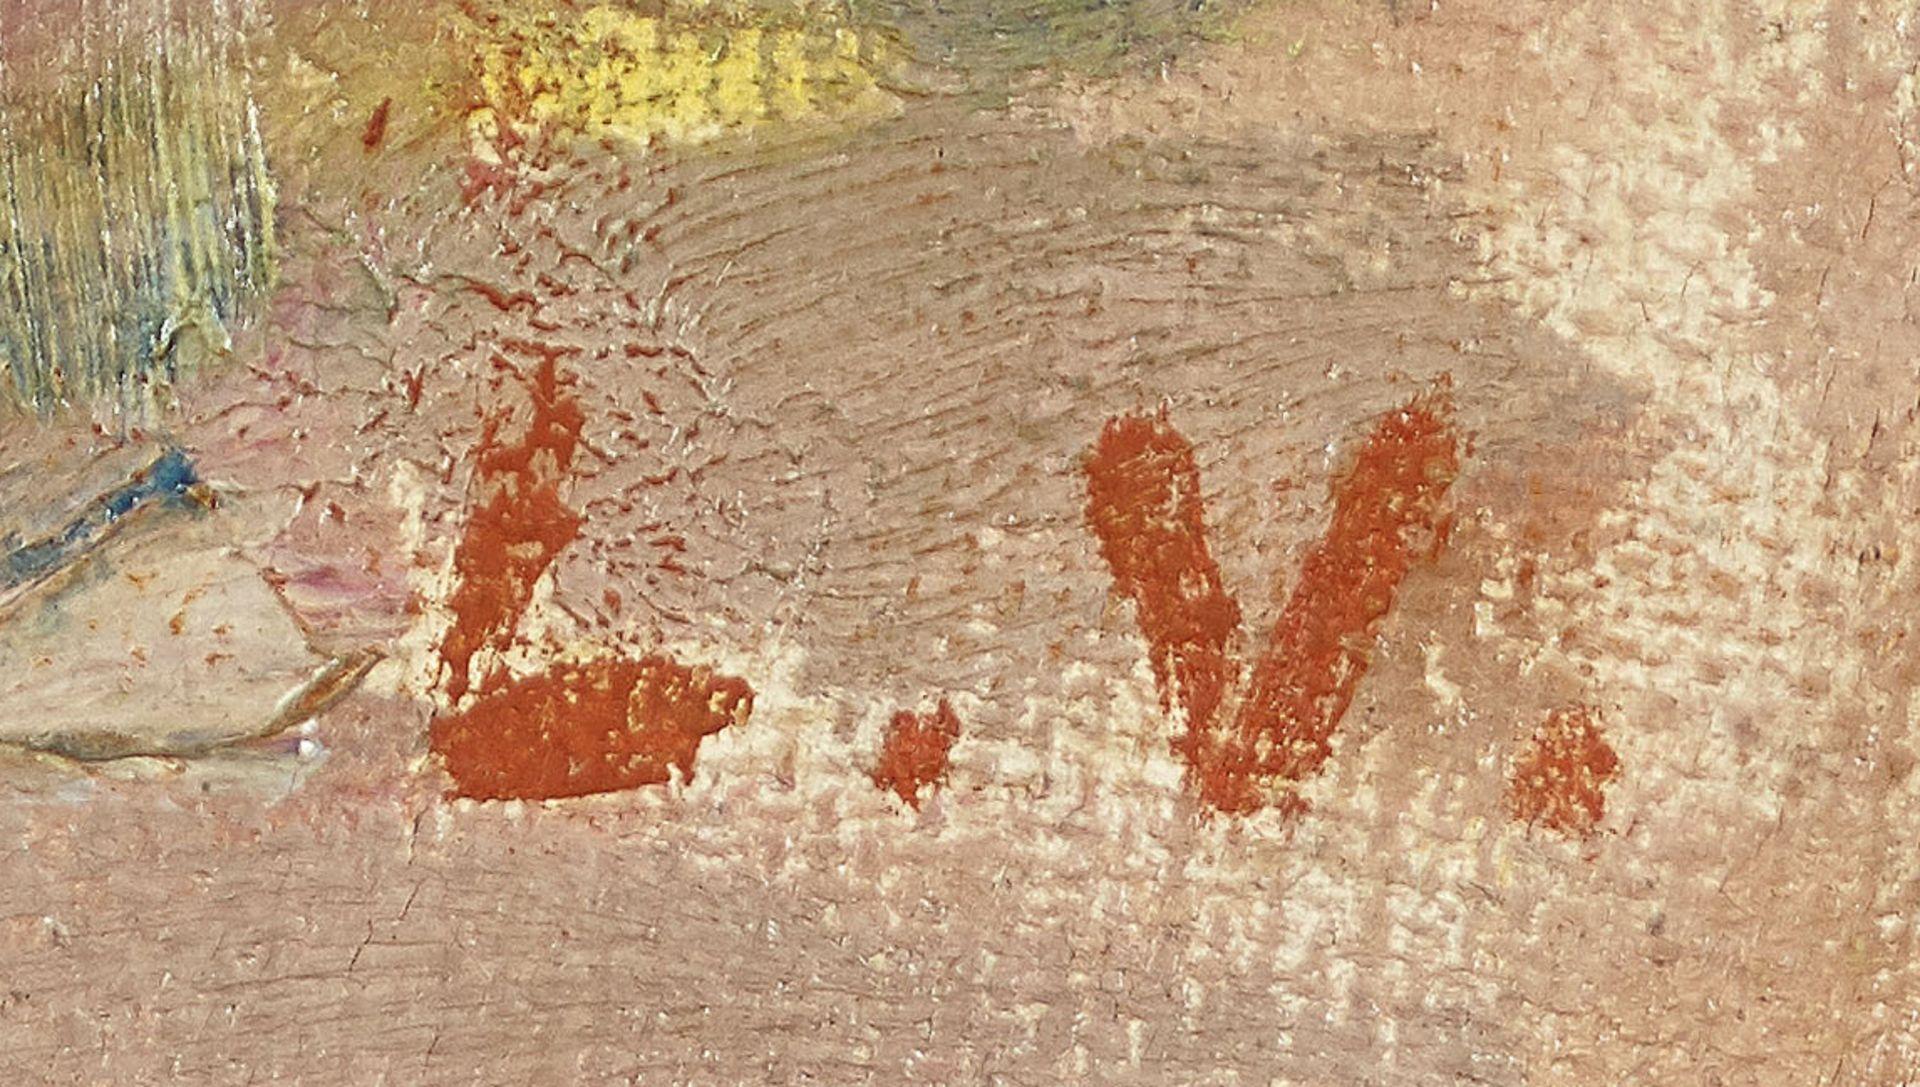 """VALTAT, LOUIS: """"Promeneuses au bord de l'eau, environs de Paris"""". - Image 4 of 6"""